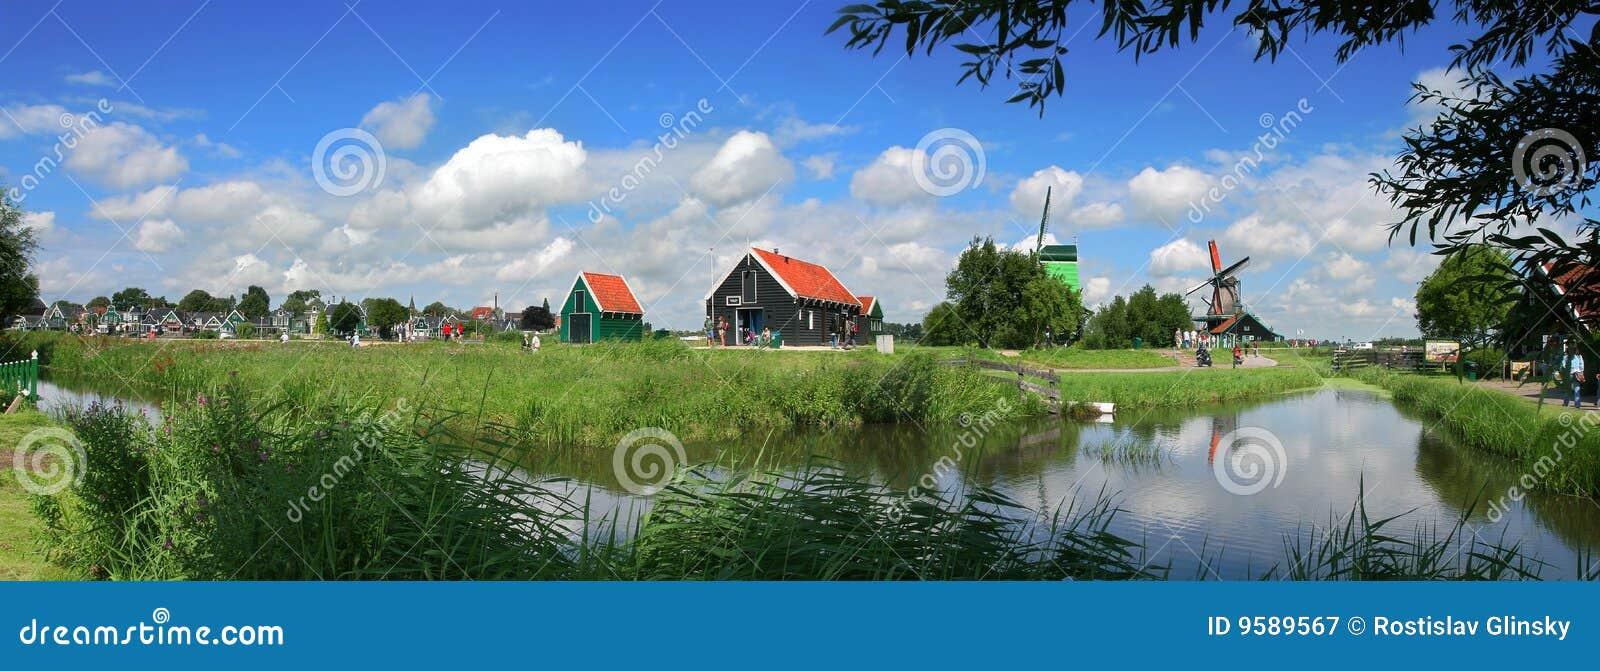 Nederlands Dorp.